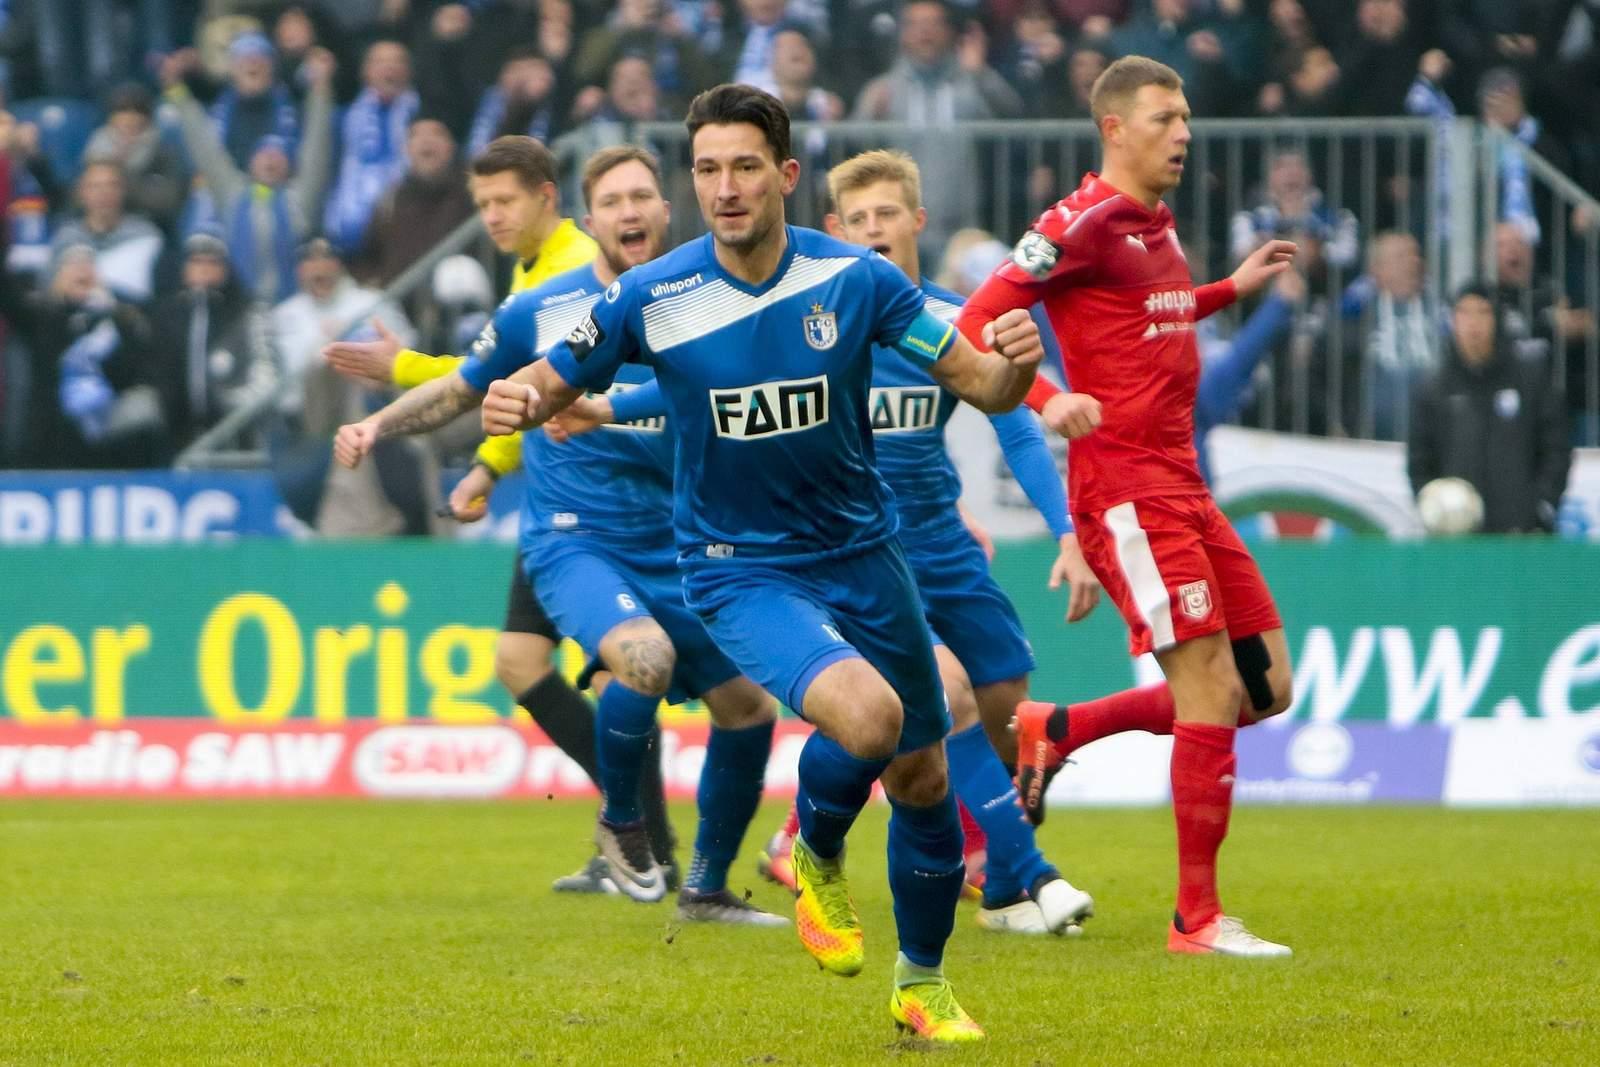 Marius Sowislo jubelt nach seinem Tor. Jetzt auf Magdeburg vs Halle wetten!